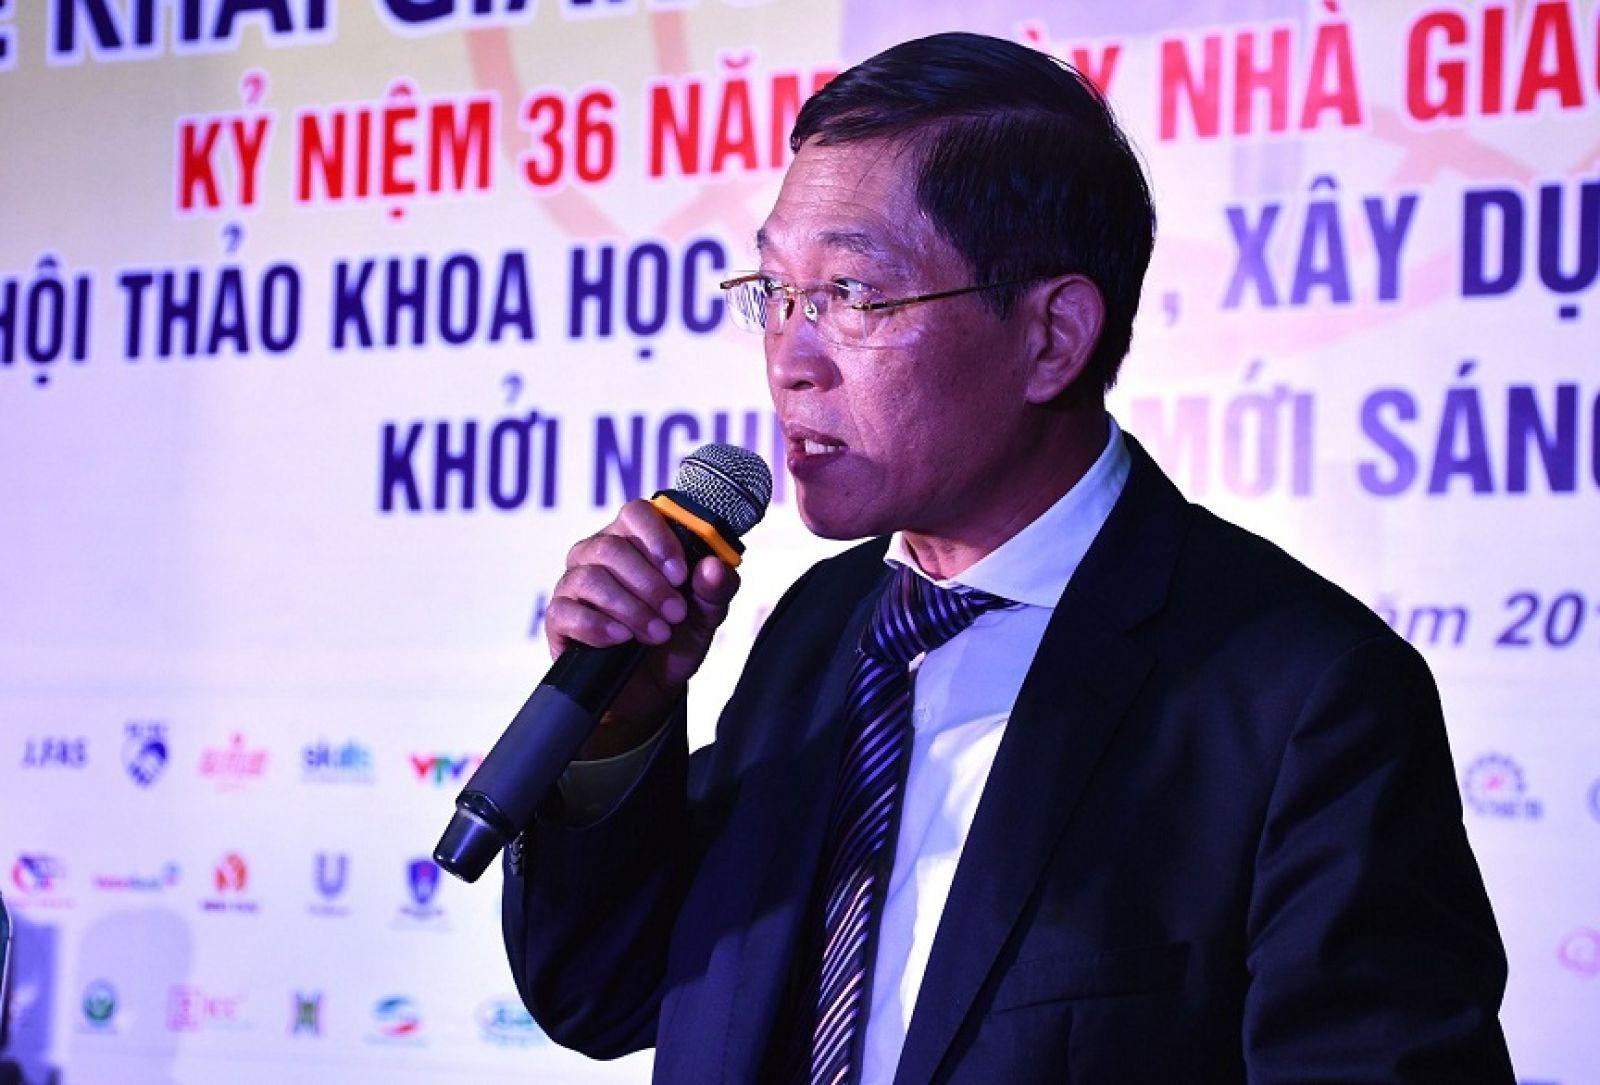 Ông Trần Văn Tùng - Thứ trưởng Bộ KH&CN